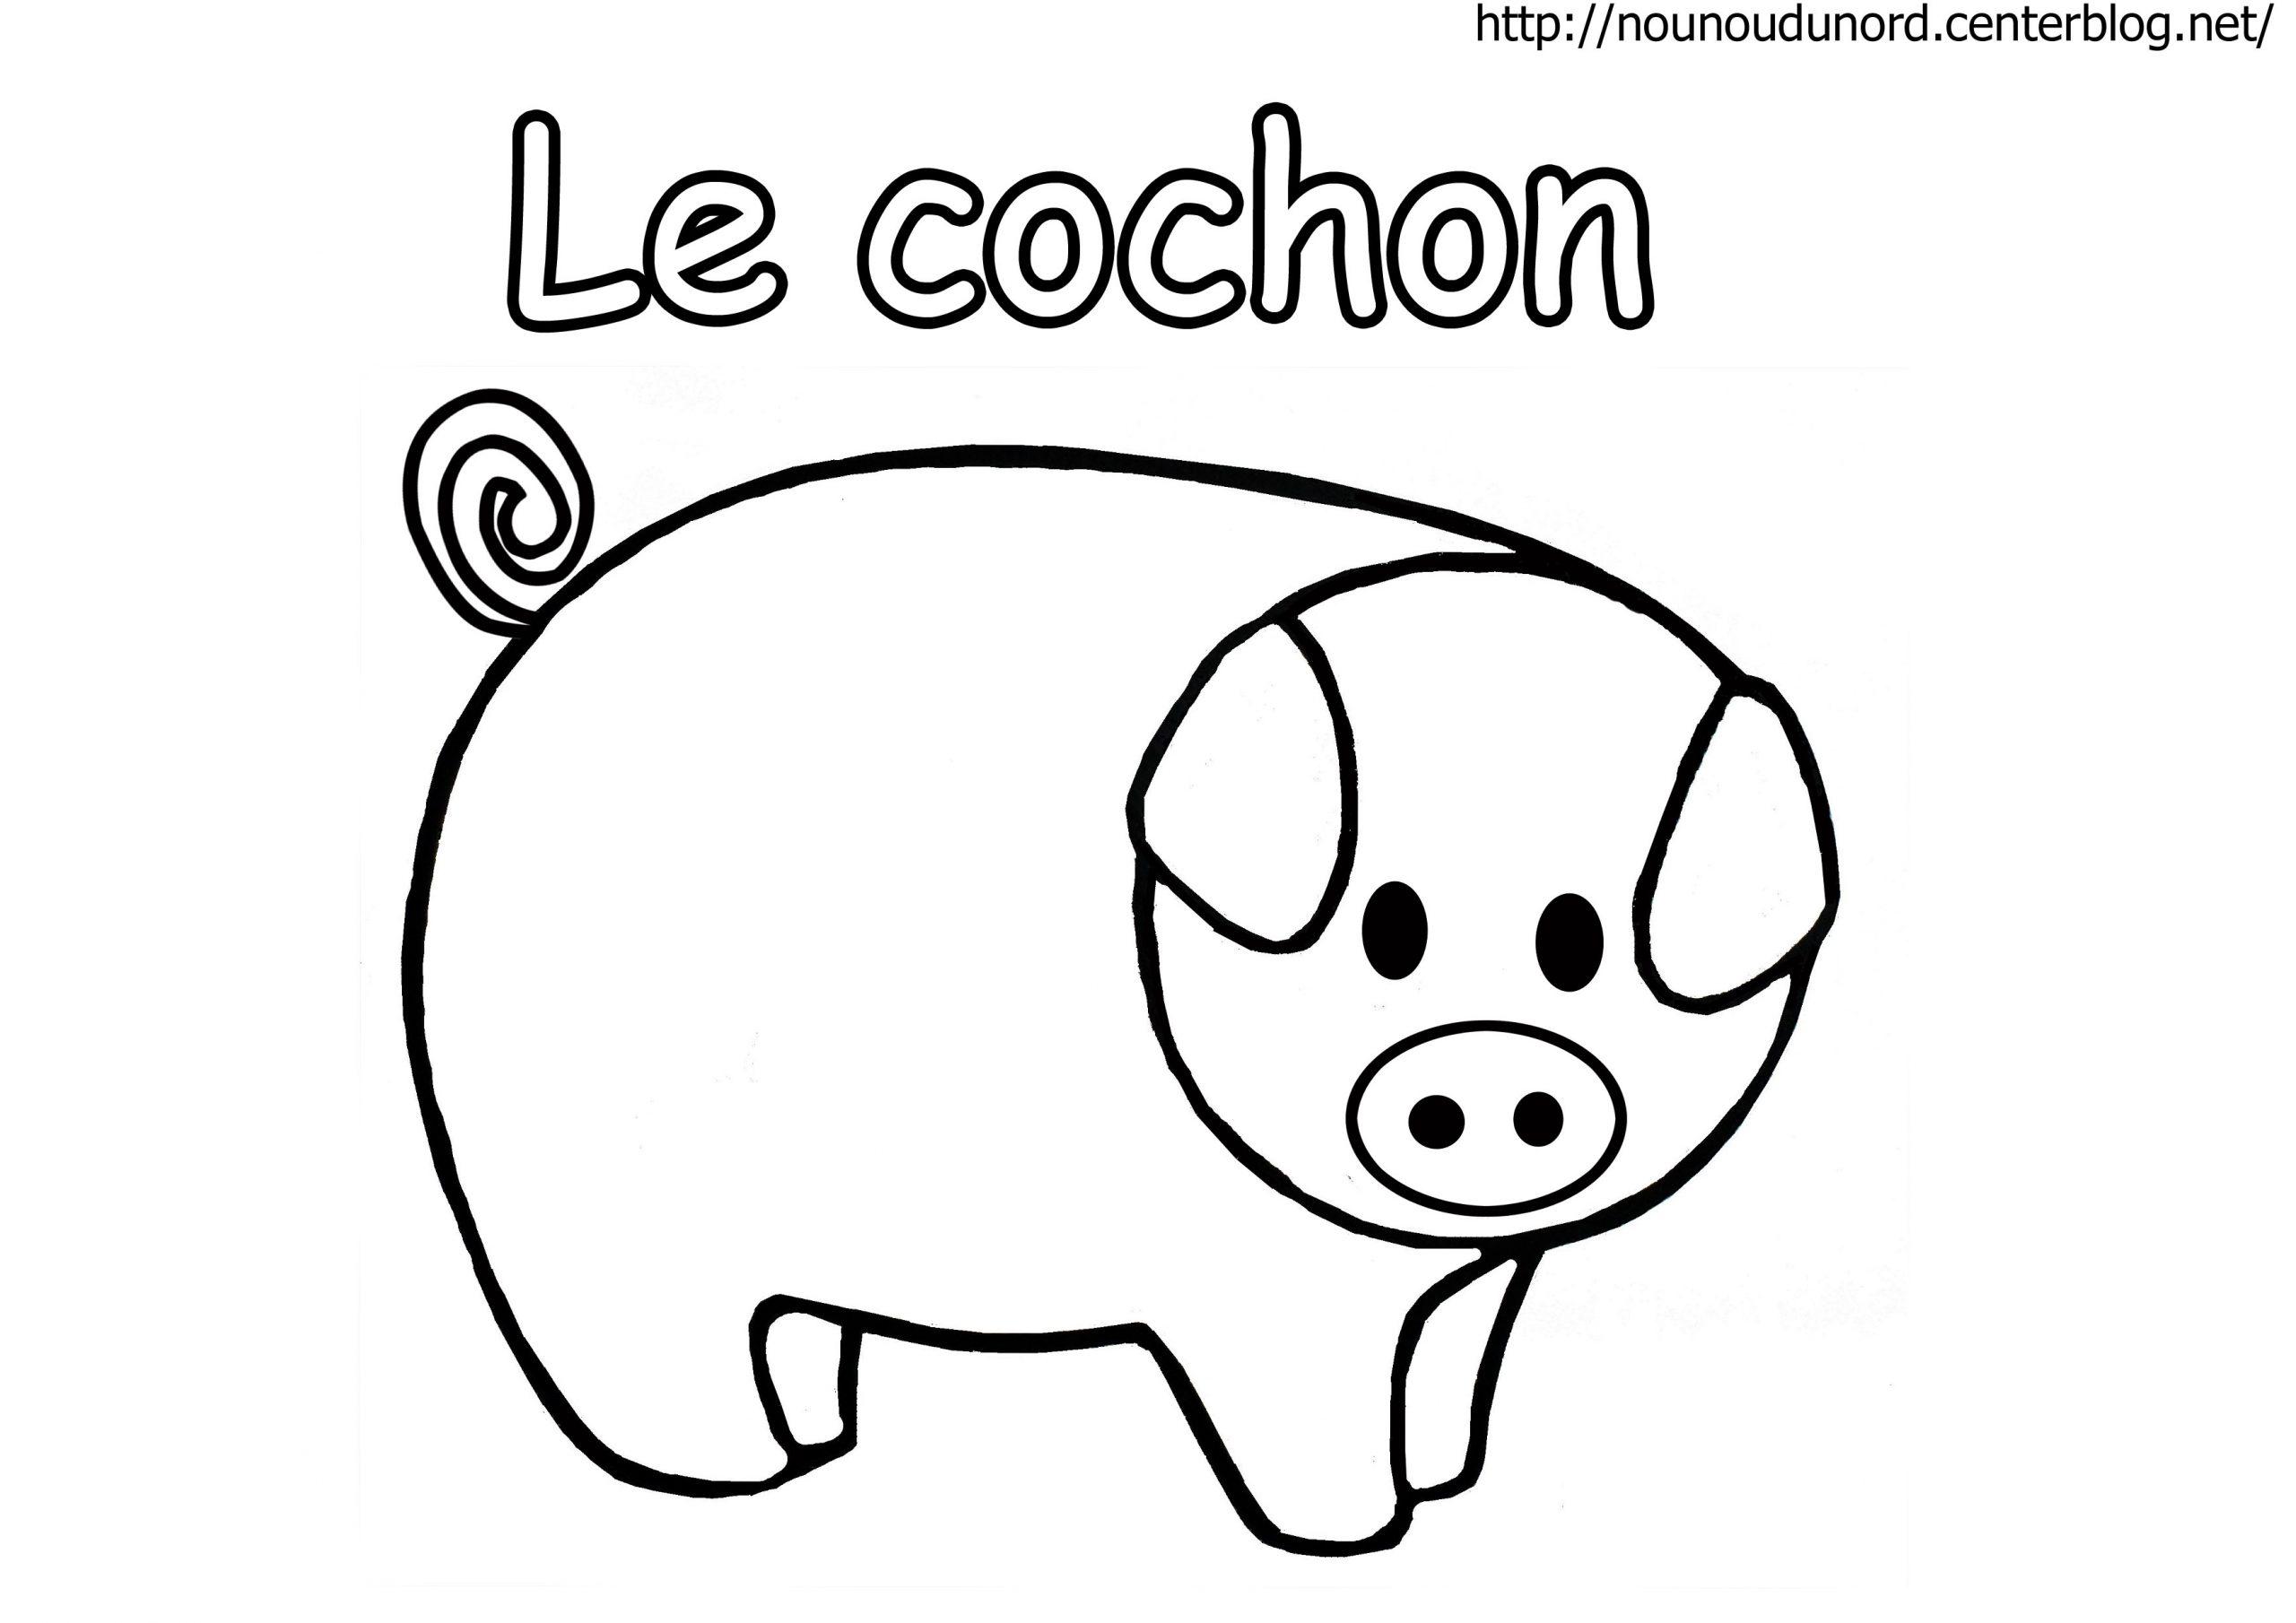 Dessins Gratuits À Colorier - Coloriage Cochon À Imprimer pour Dessin À Colorier Cochon